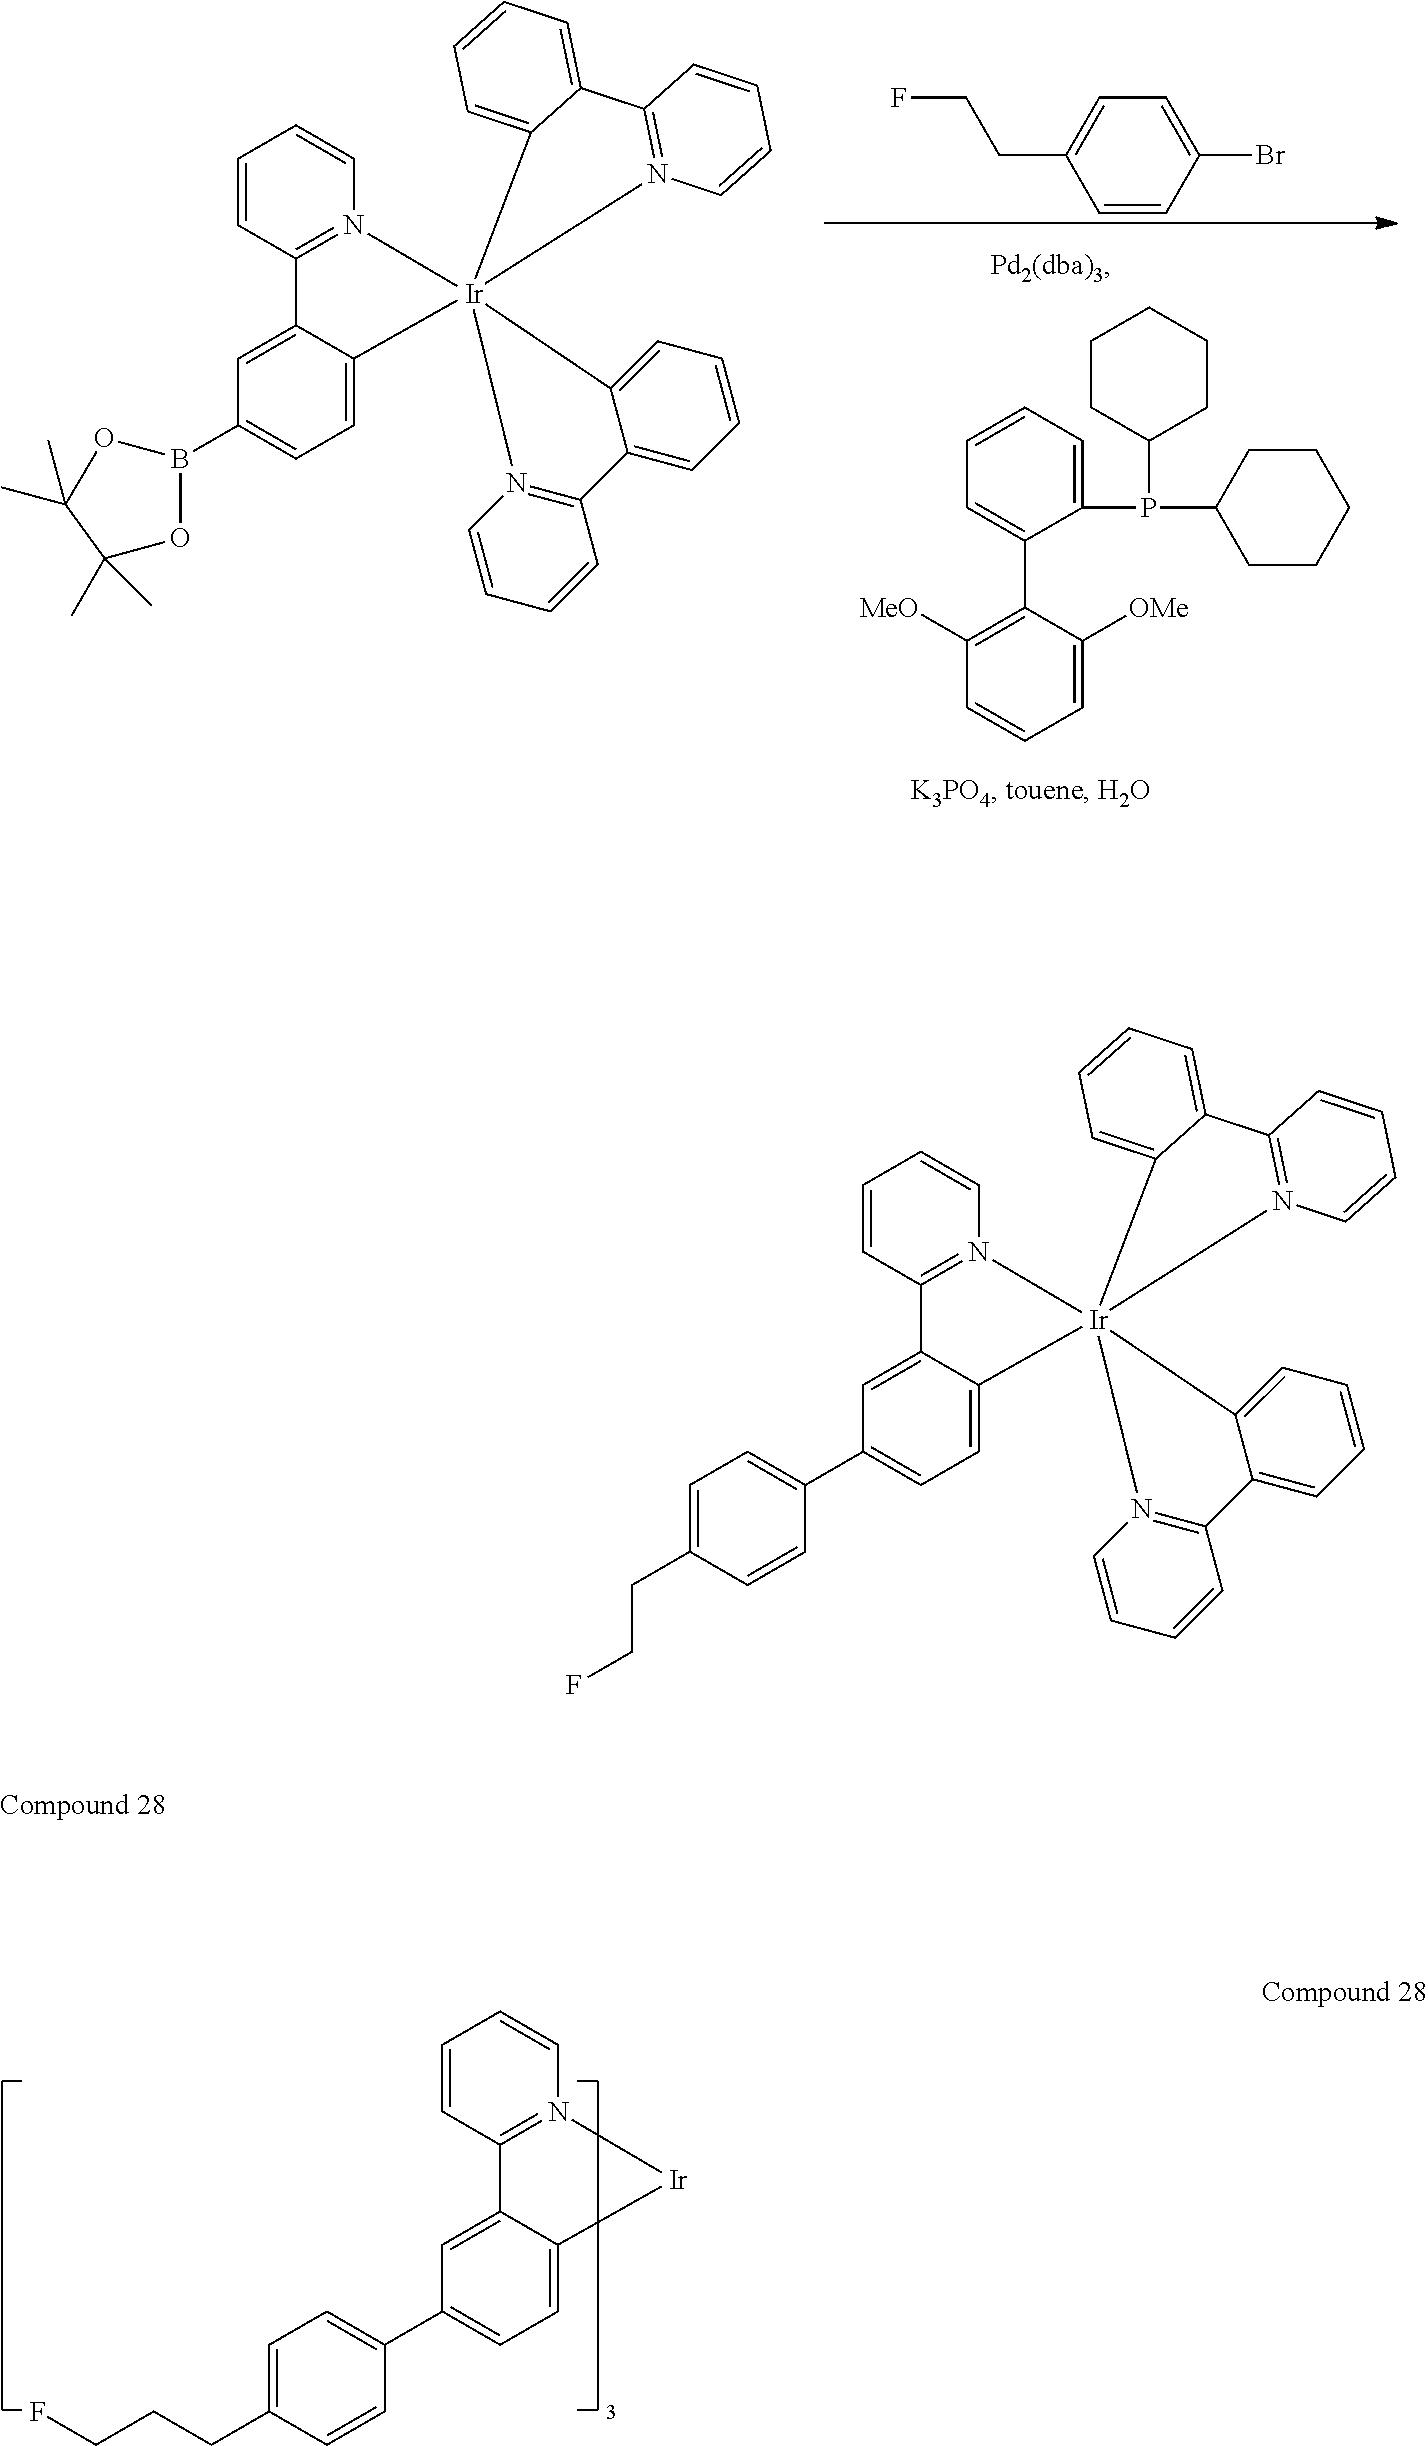 Figure US09899612-20180220-C00135